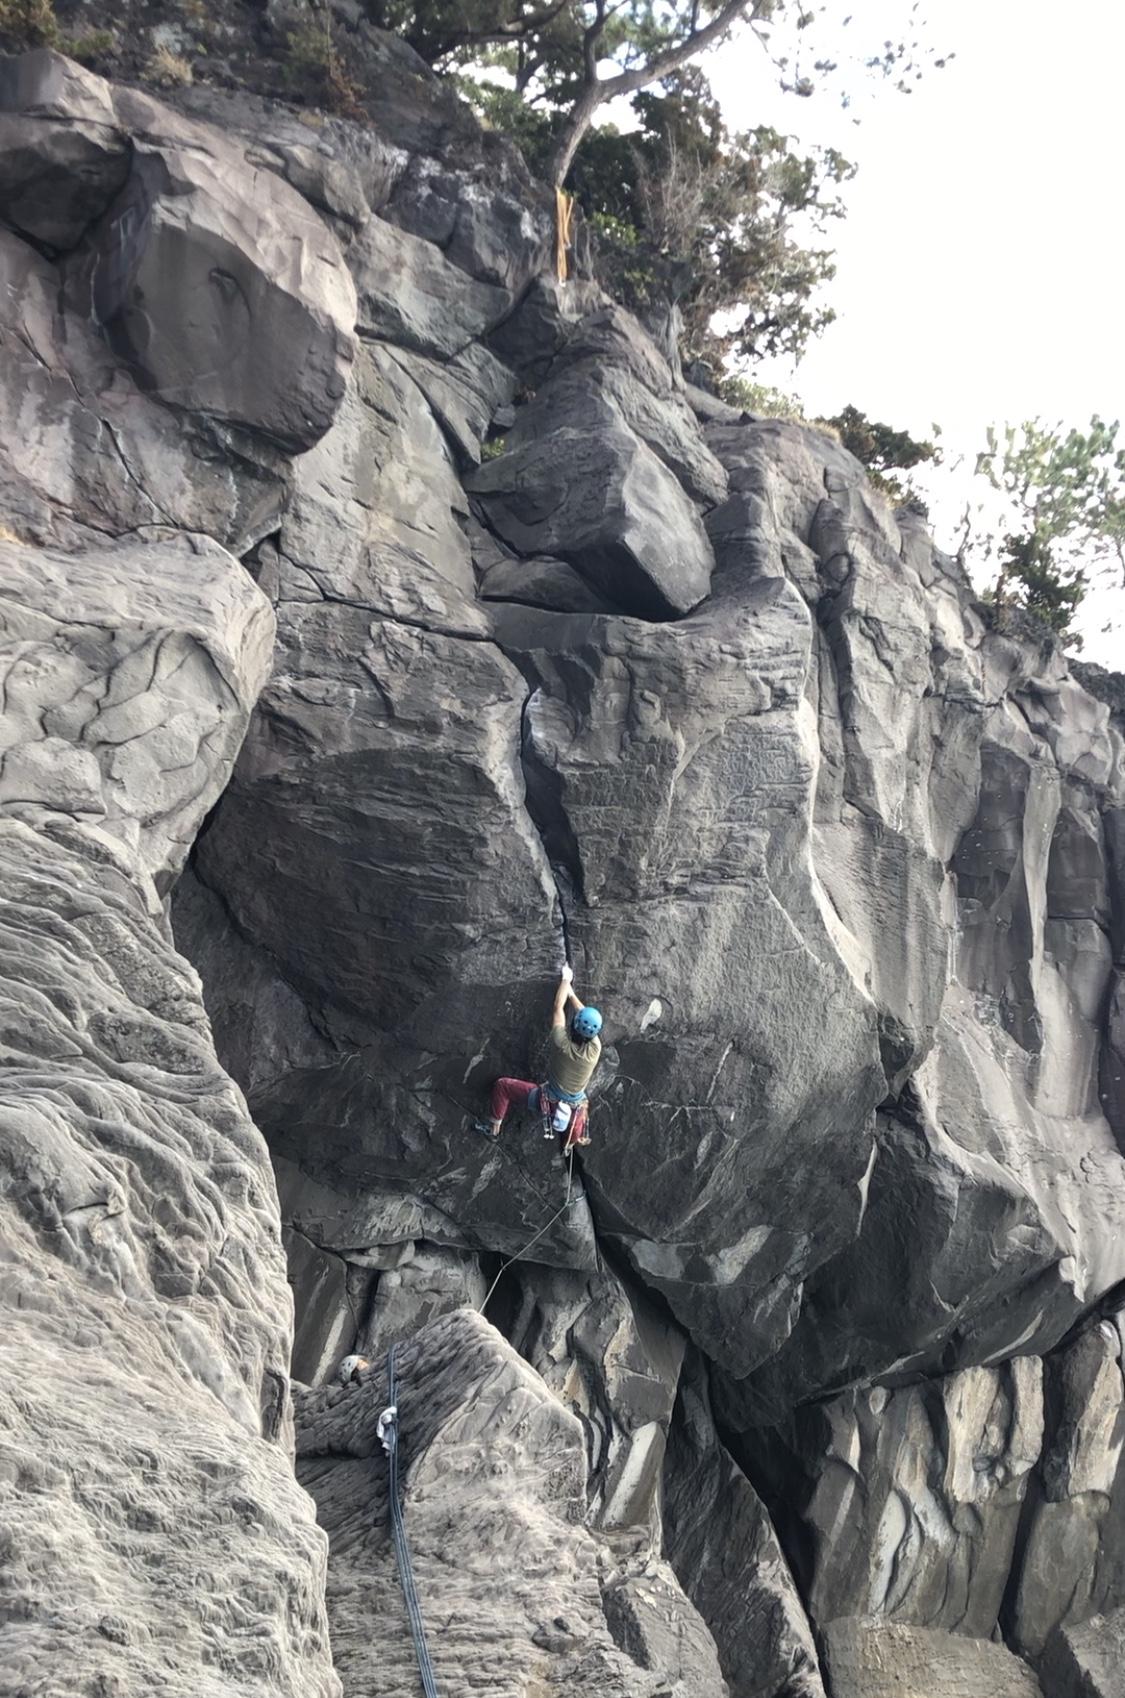 城ヶ崎でクラッククライミング なみだちでタコ、日蓮埼で楽しい3本が登れた